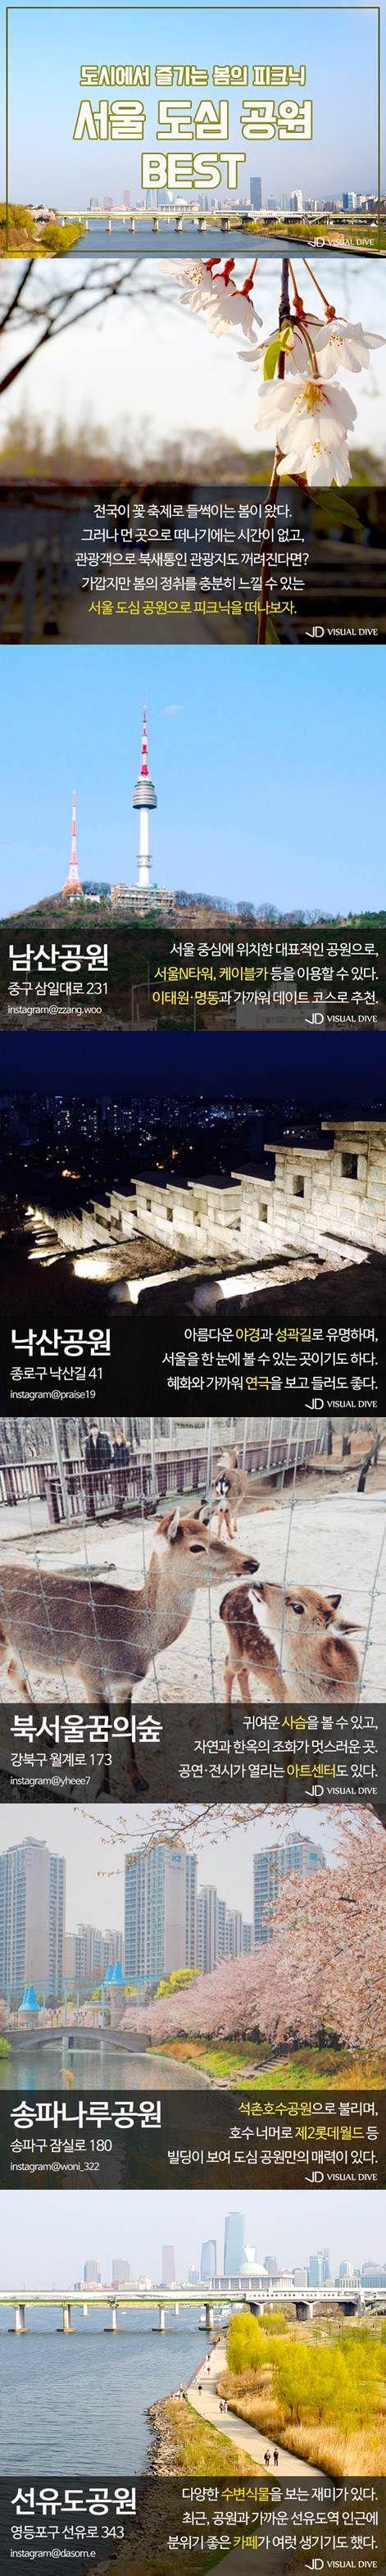 봄나들이 떠나자! 서울 도심 공원 BEST [카드뉴스] #park / #cardnews ⓒ 비주얼다이브 무단 복사·전재·재배포 금지